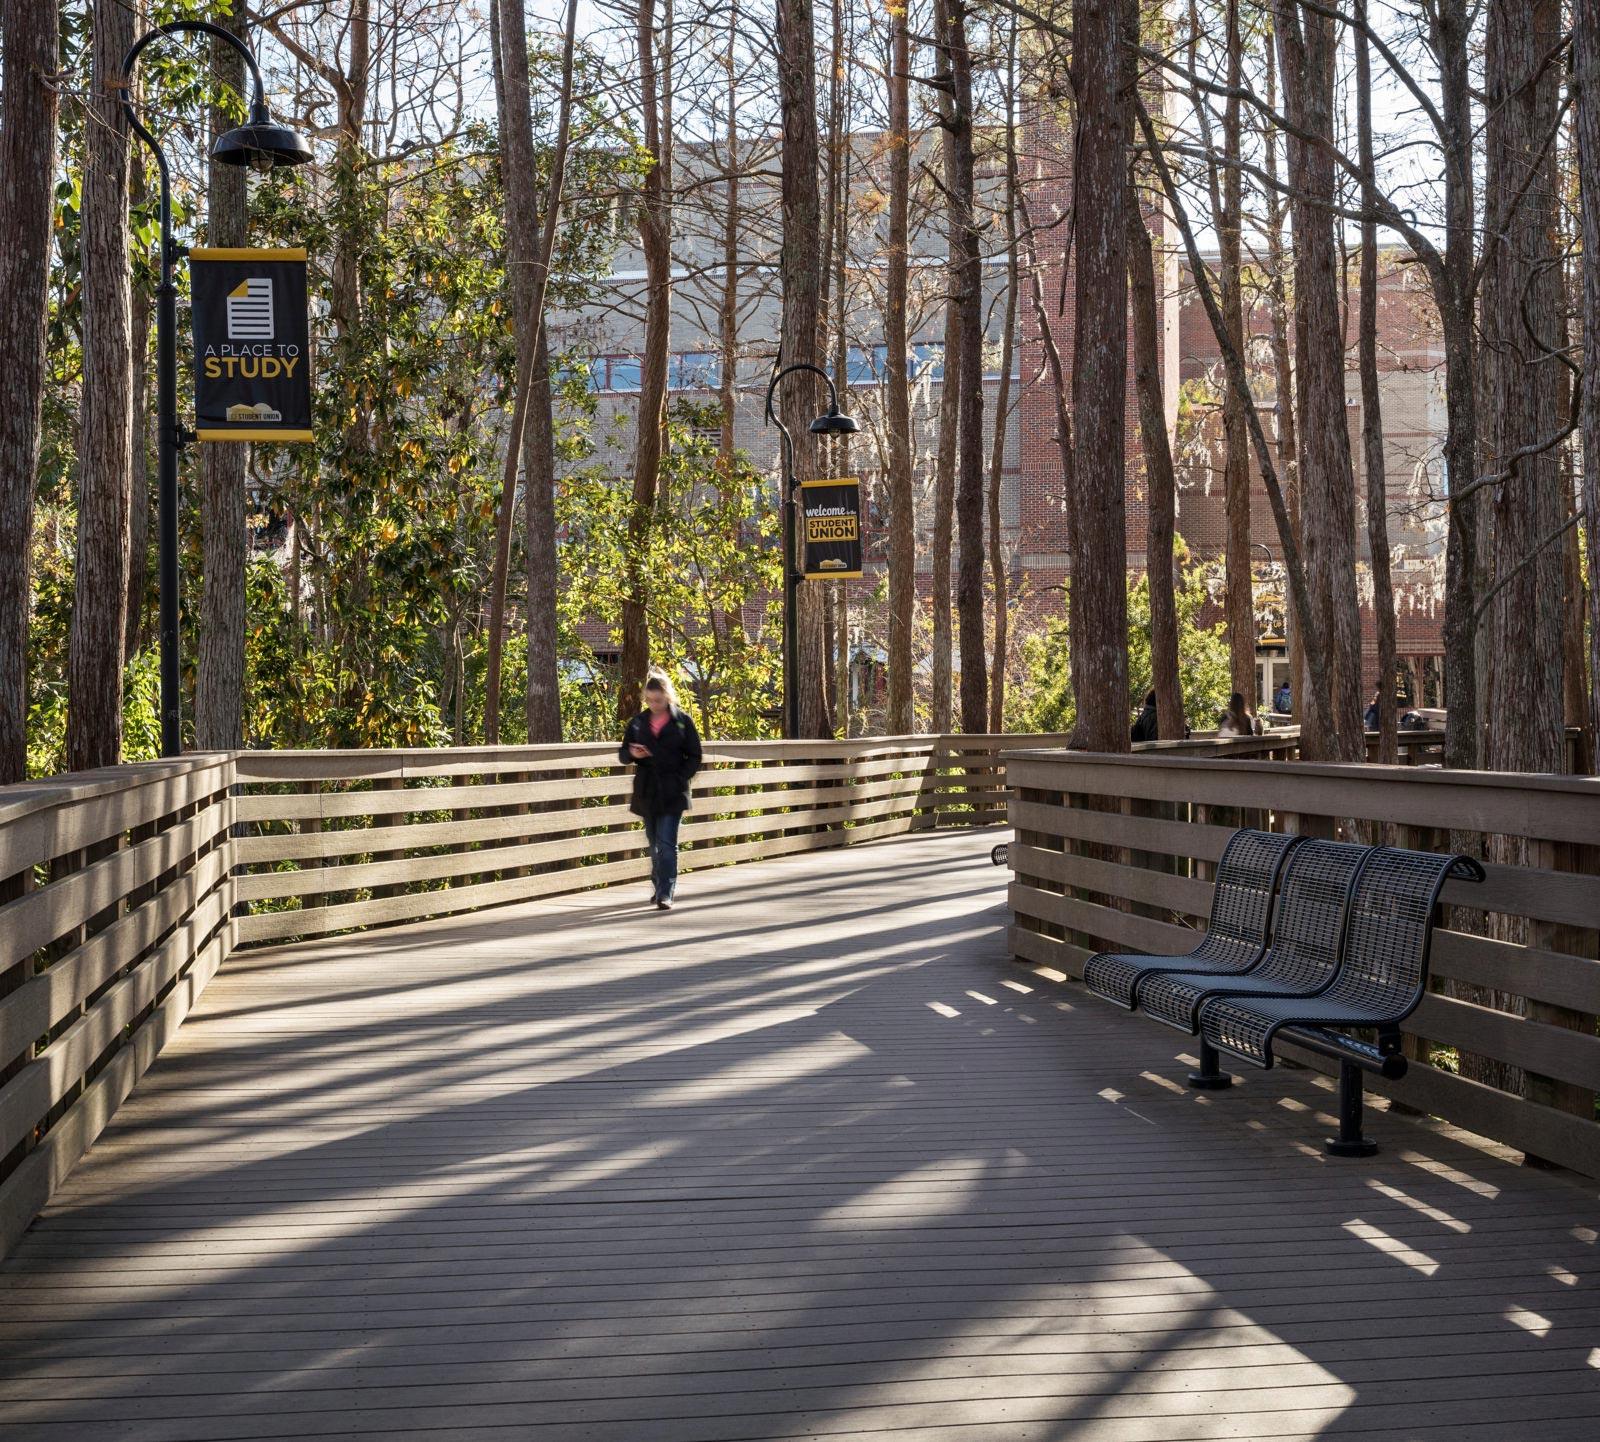 Person walking on boardwalk